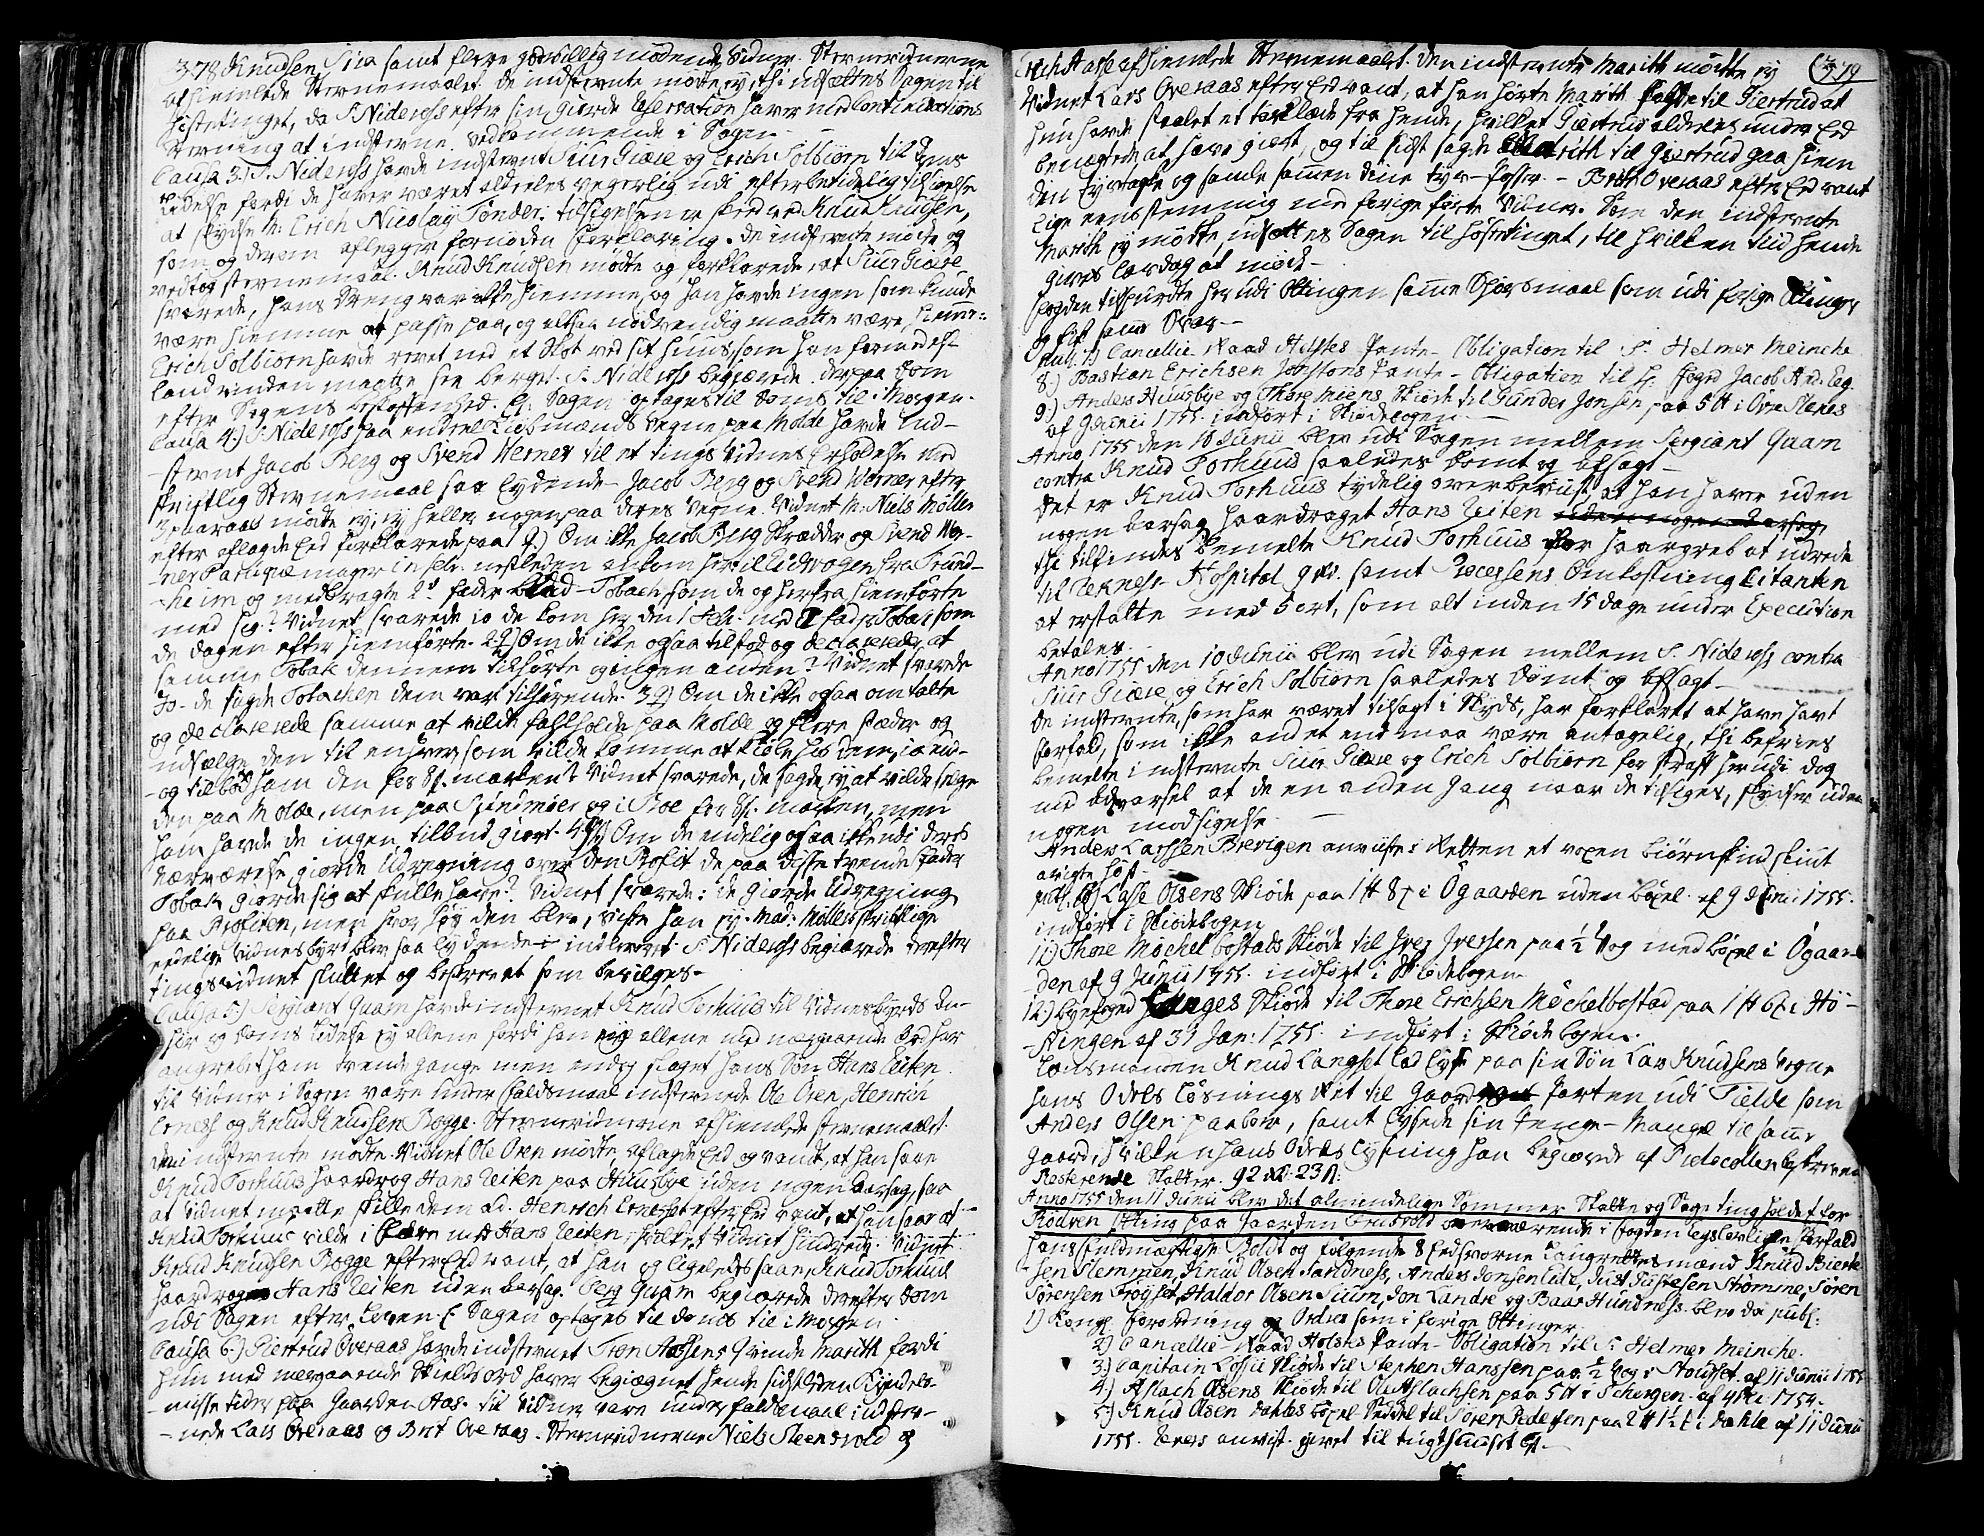 SAT, Romsdal sorenskriveri, 1/1A/L0013: Tingbok, 1749-1757, s. 378-379